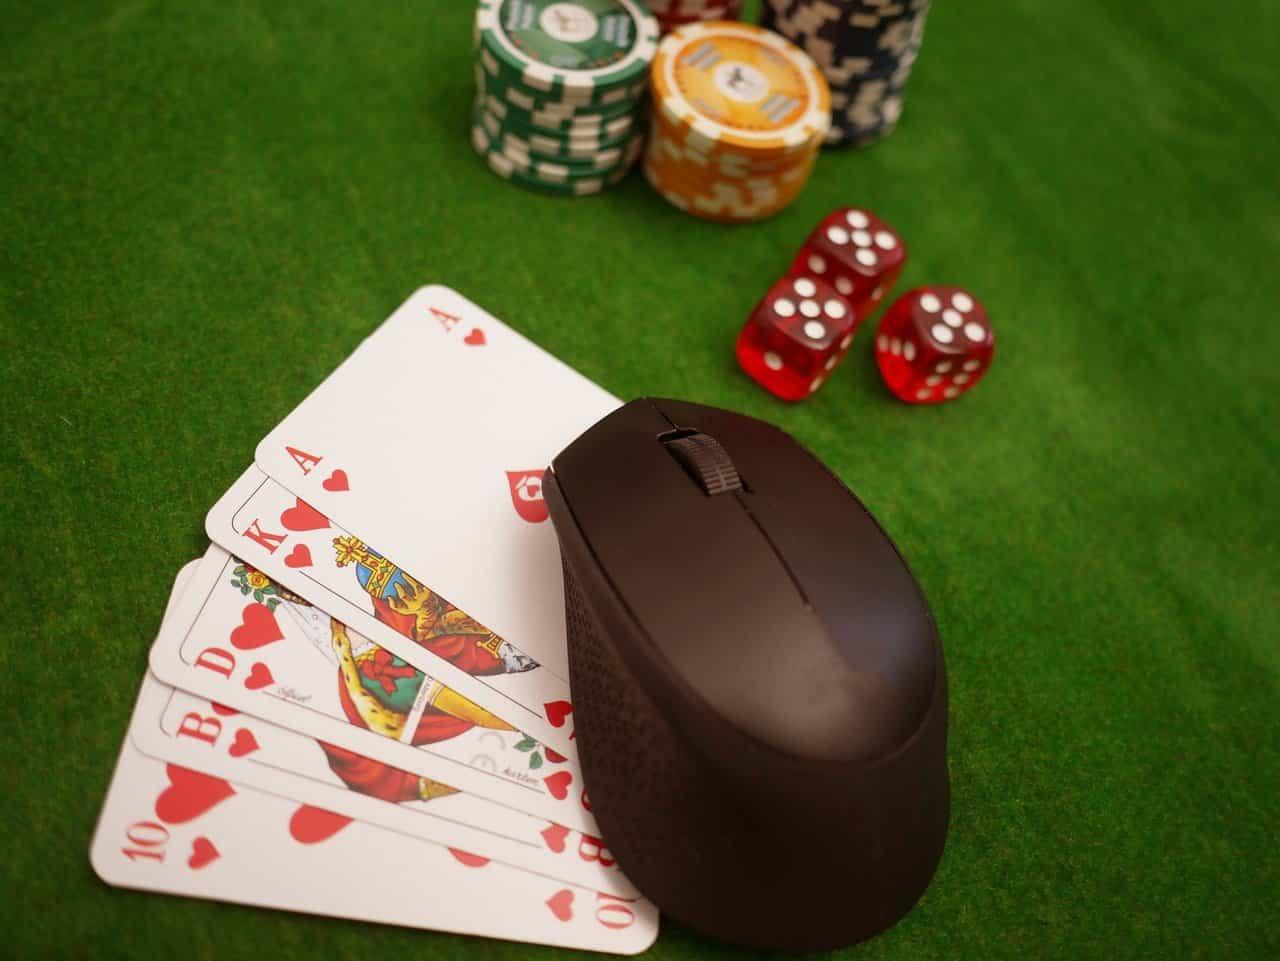 Casinos móviles, la tendencia para disfrutar de los juegos de azar online 3